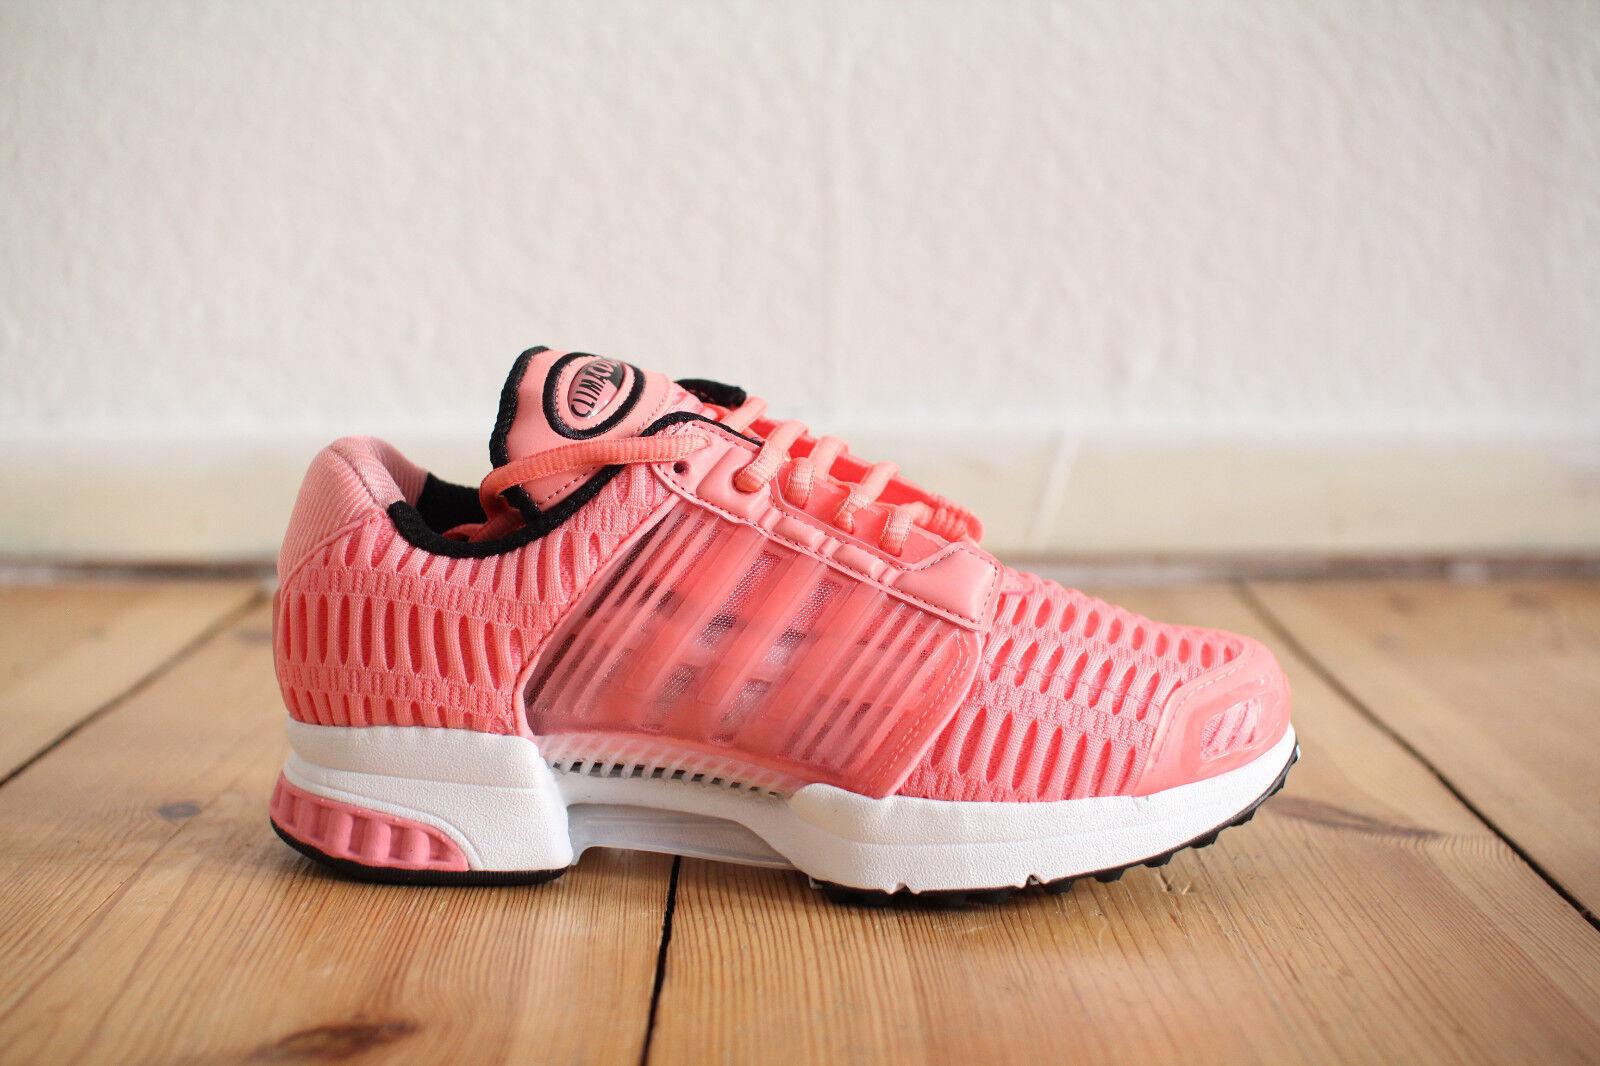 Adidas Clima Cool CC 1 & Rosa Gr. 38,39,40 Neu & 1 OVP 13329e